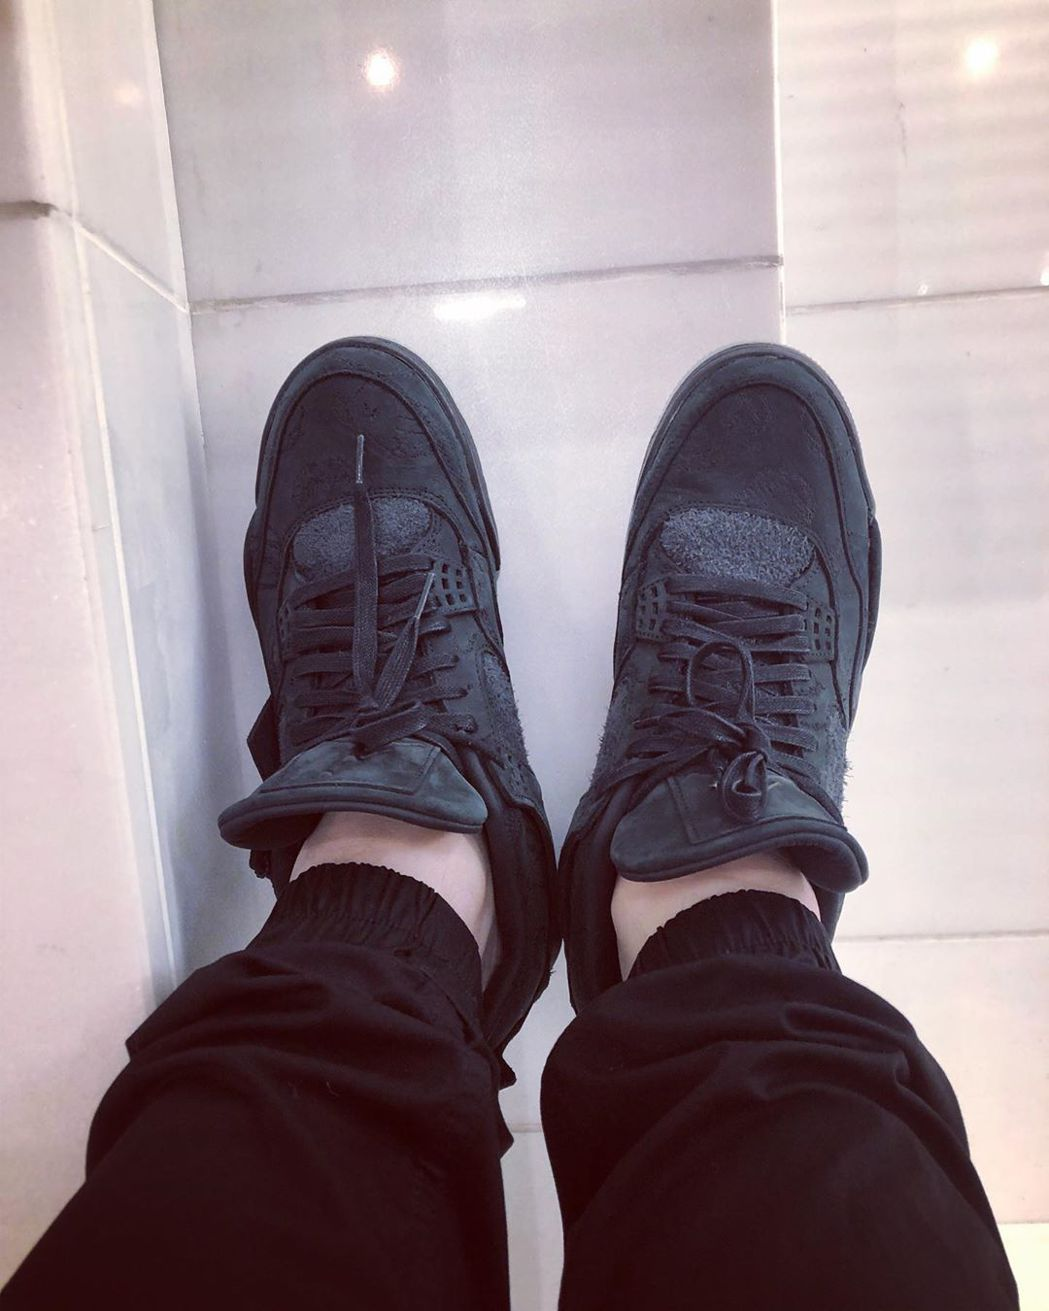 潘瑋柏曬鞋被嫌腿好胖。 圖/擷自潘瑋柏IG